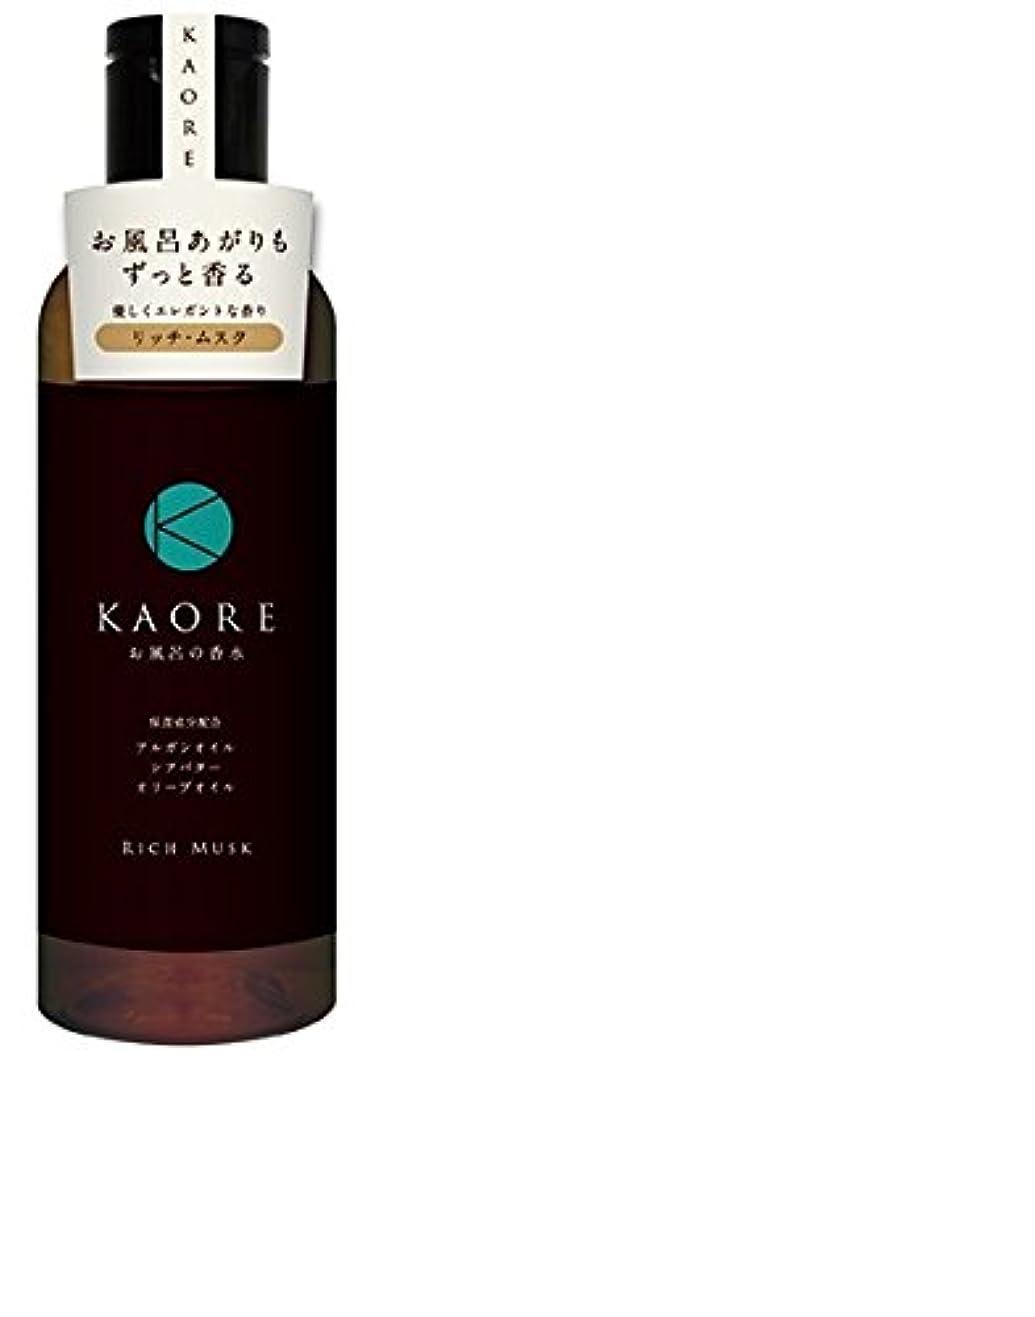 料理をするズボン作者KAORE(カオリ) お風呂の香水 リッチムスク 200ml